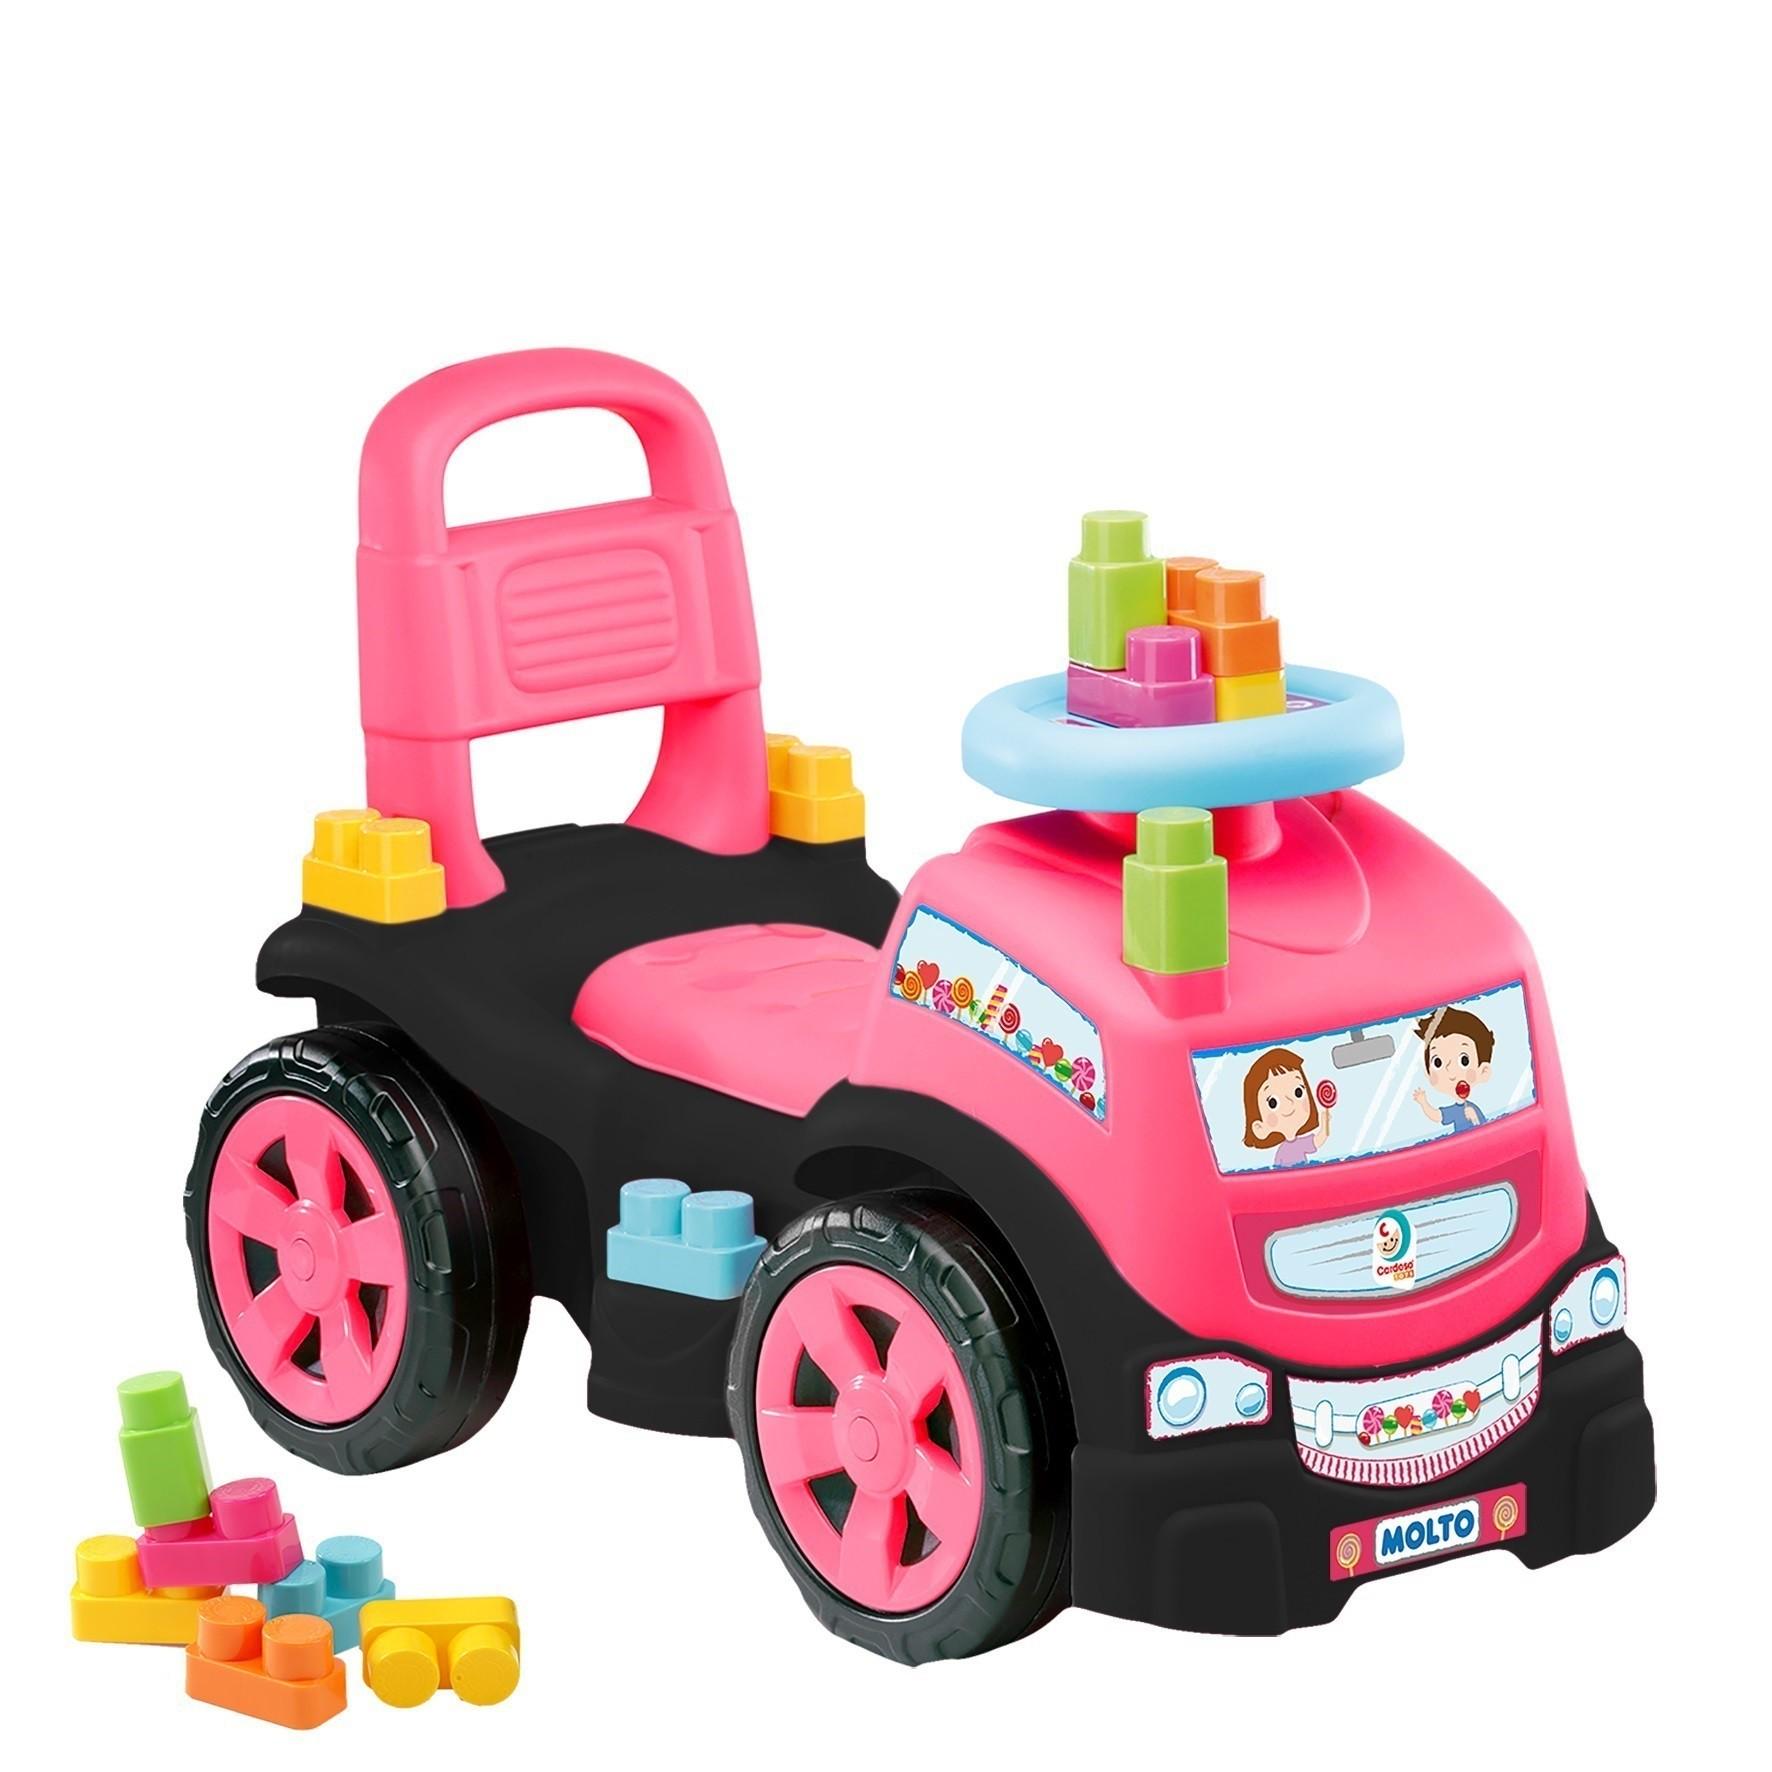 Andador - Baby Land - Blocks Truck in Ride On - Menina - Cardoso Brinquedos